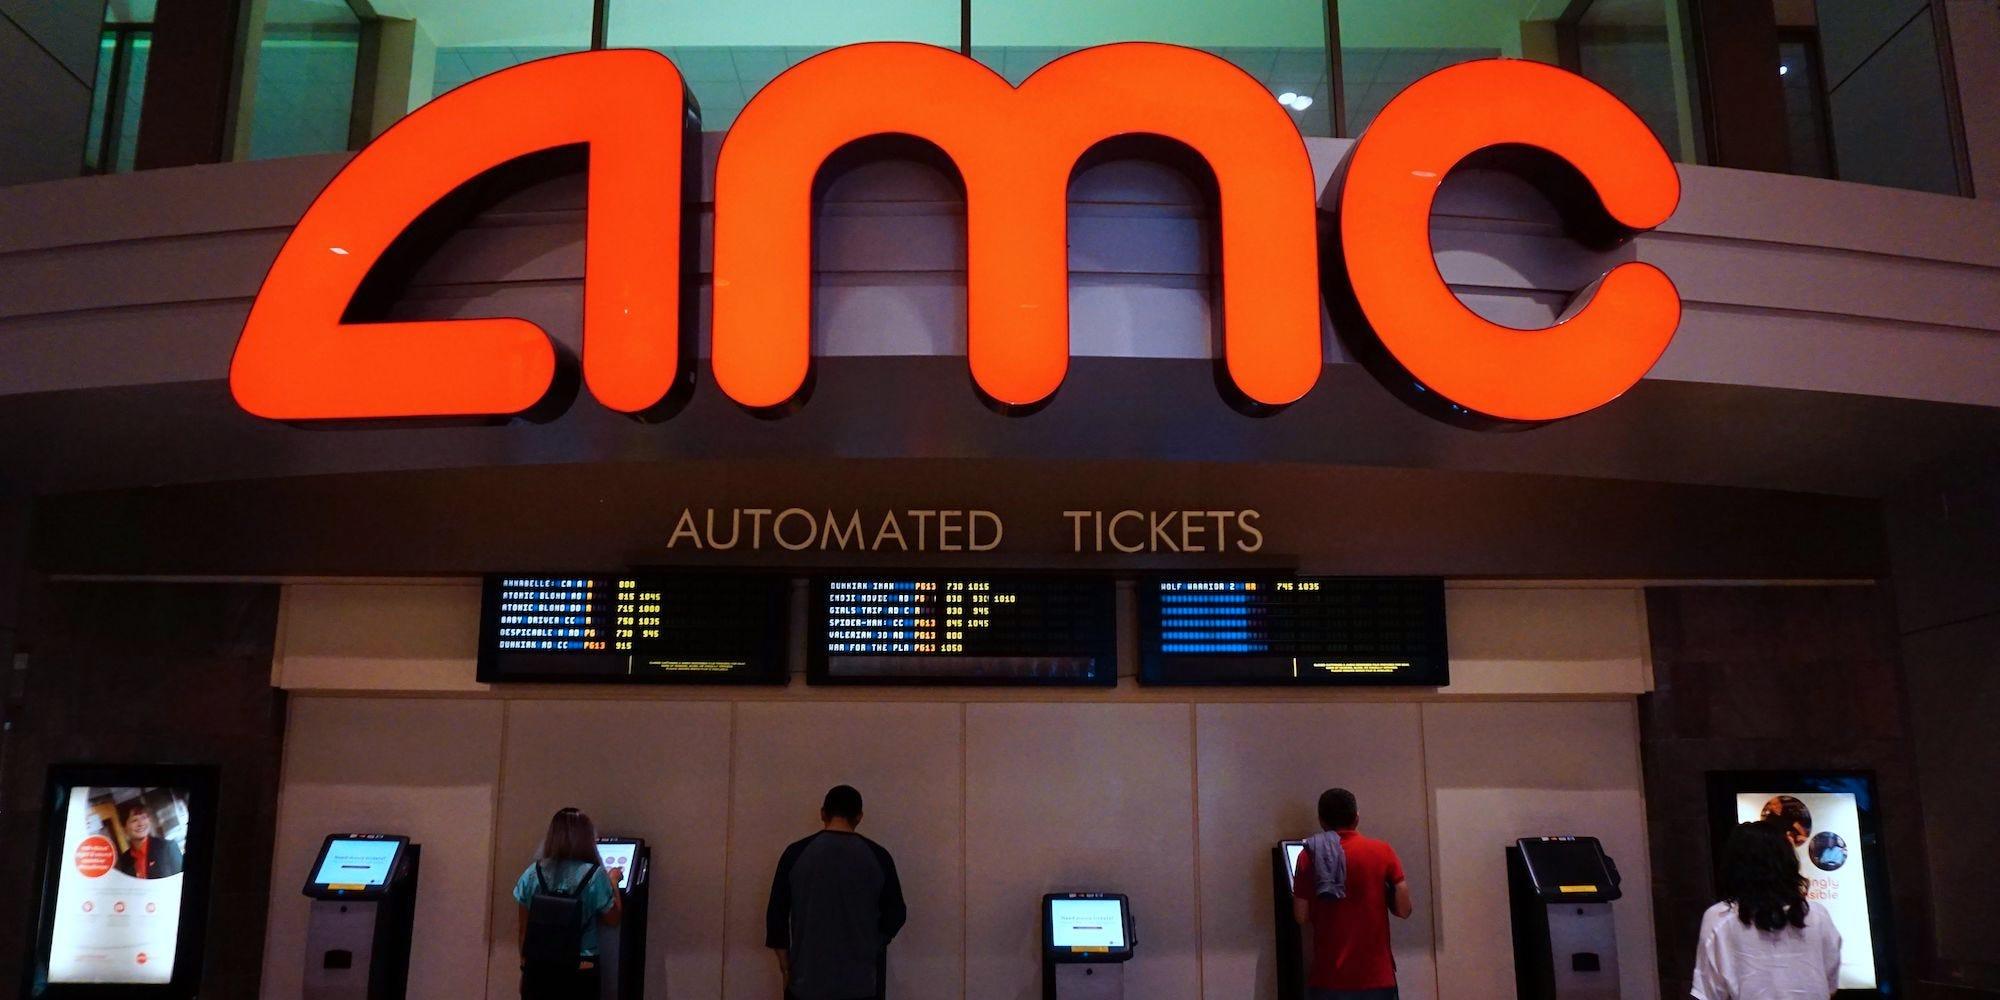 Major cinema chain AMC announces ticket sales for bitcoin